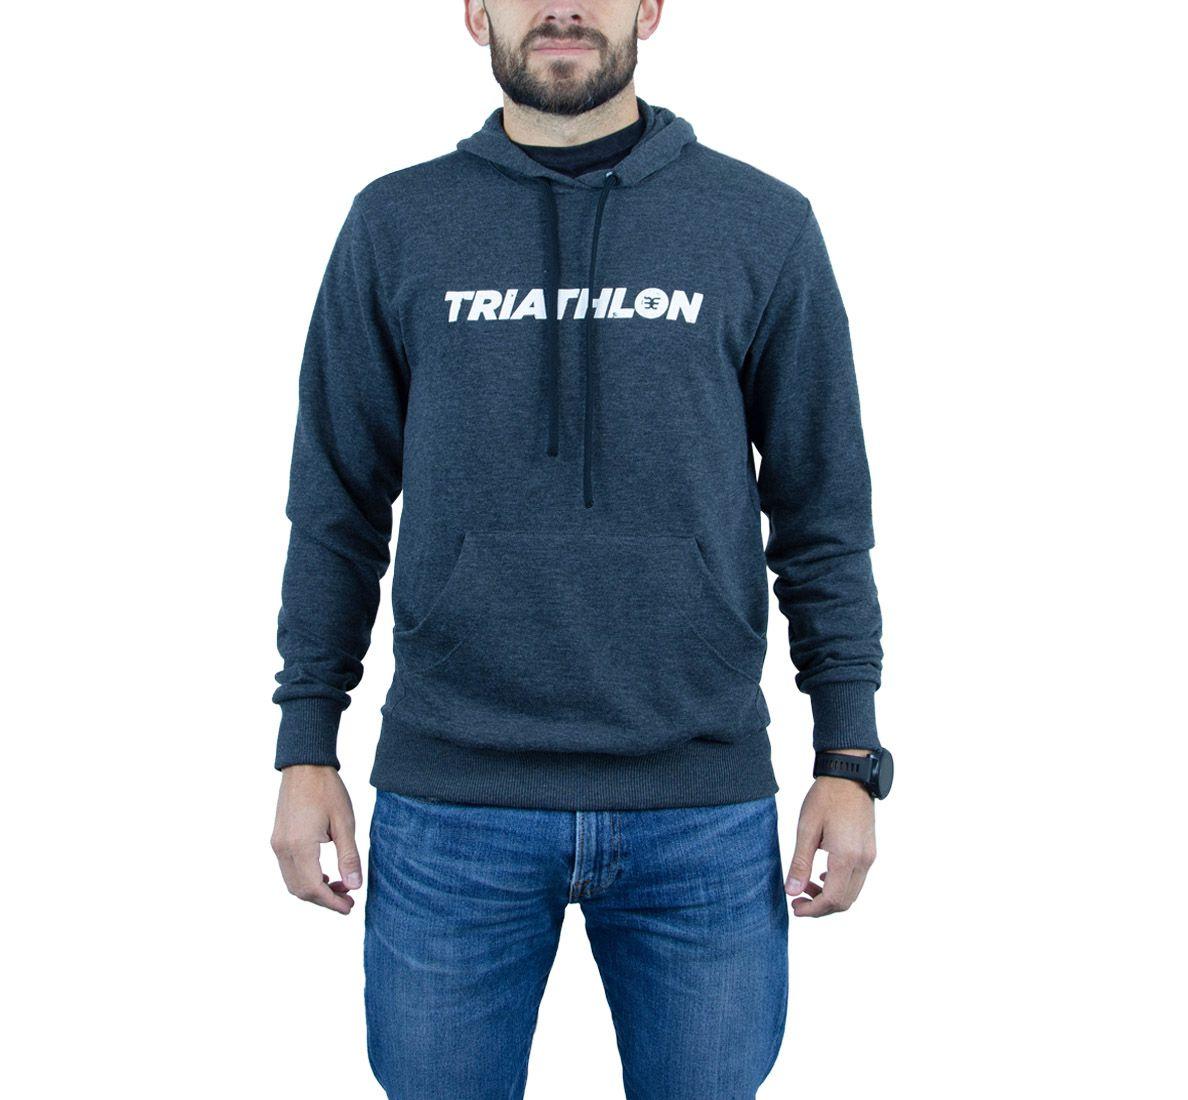 Moletom Triathlon Masc - Preto - Woom 247